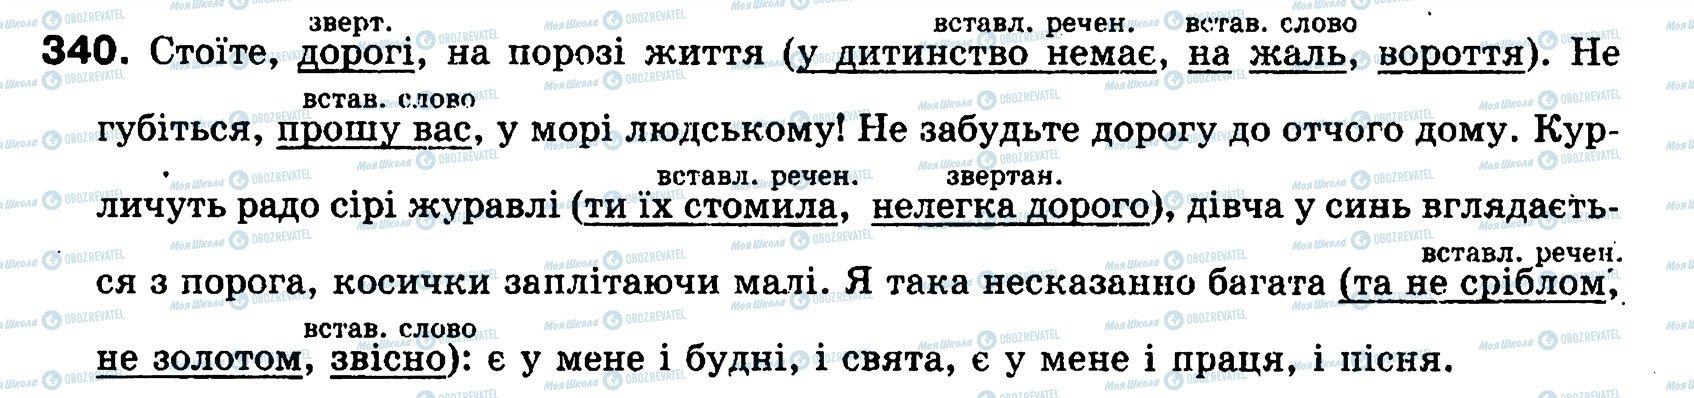 ГДЗ Українська мова 8 клас сторінка 340